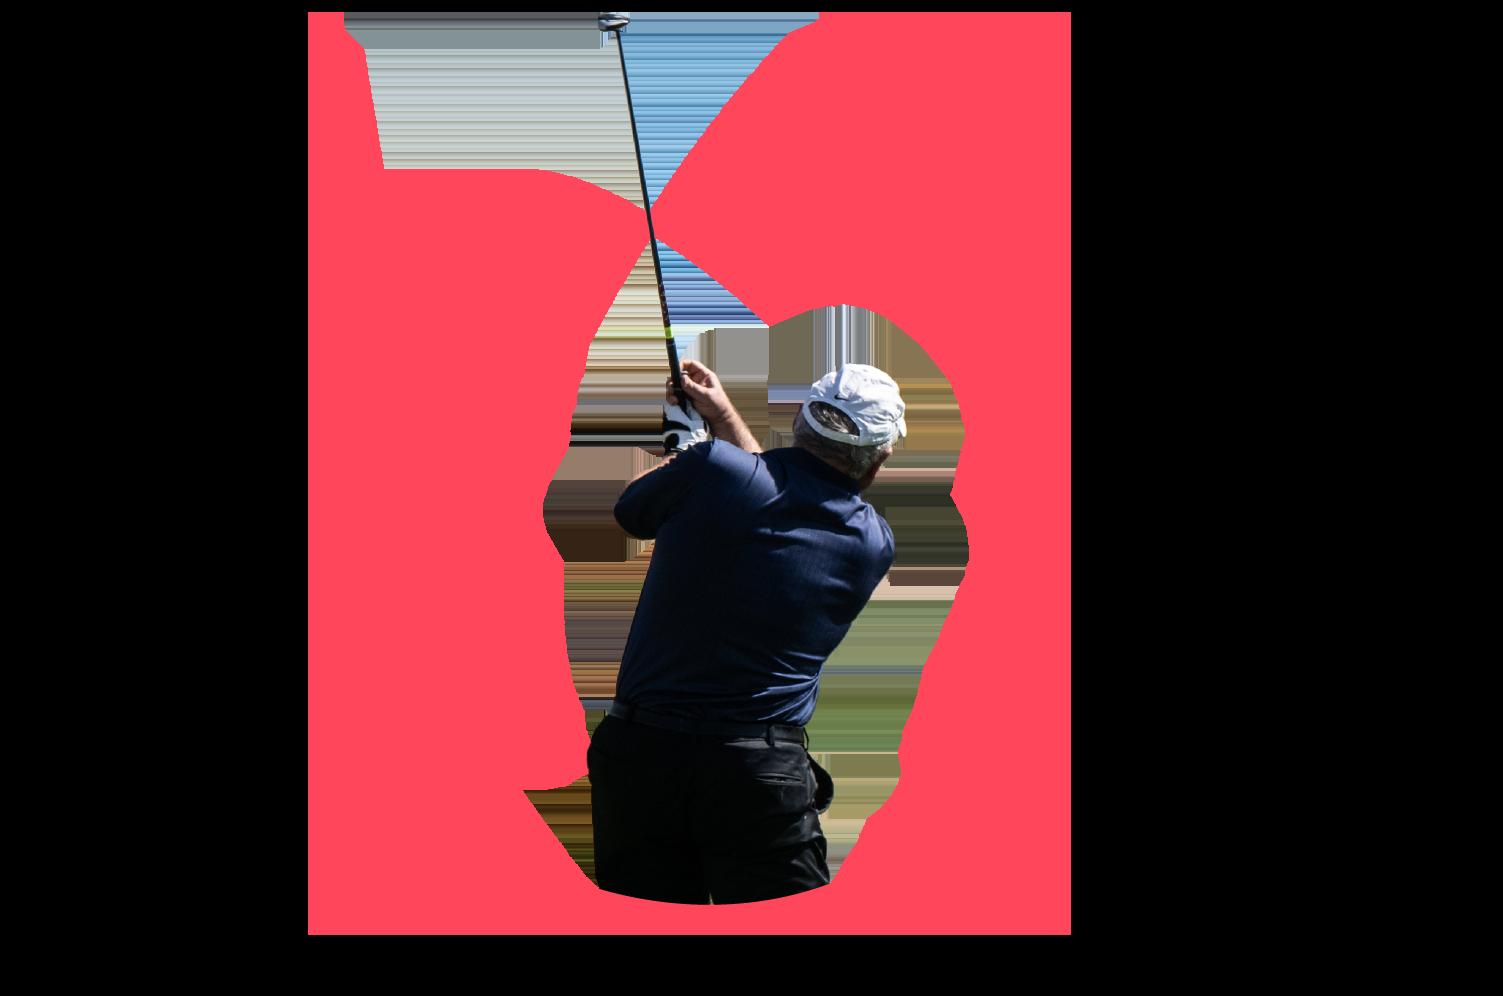 MCAA_website_images_V7 KB_Golf-Mobile2